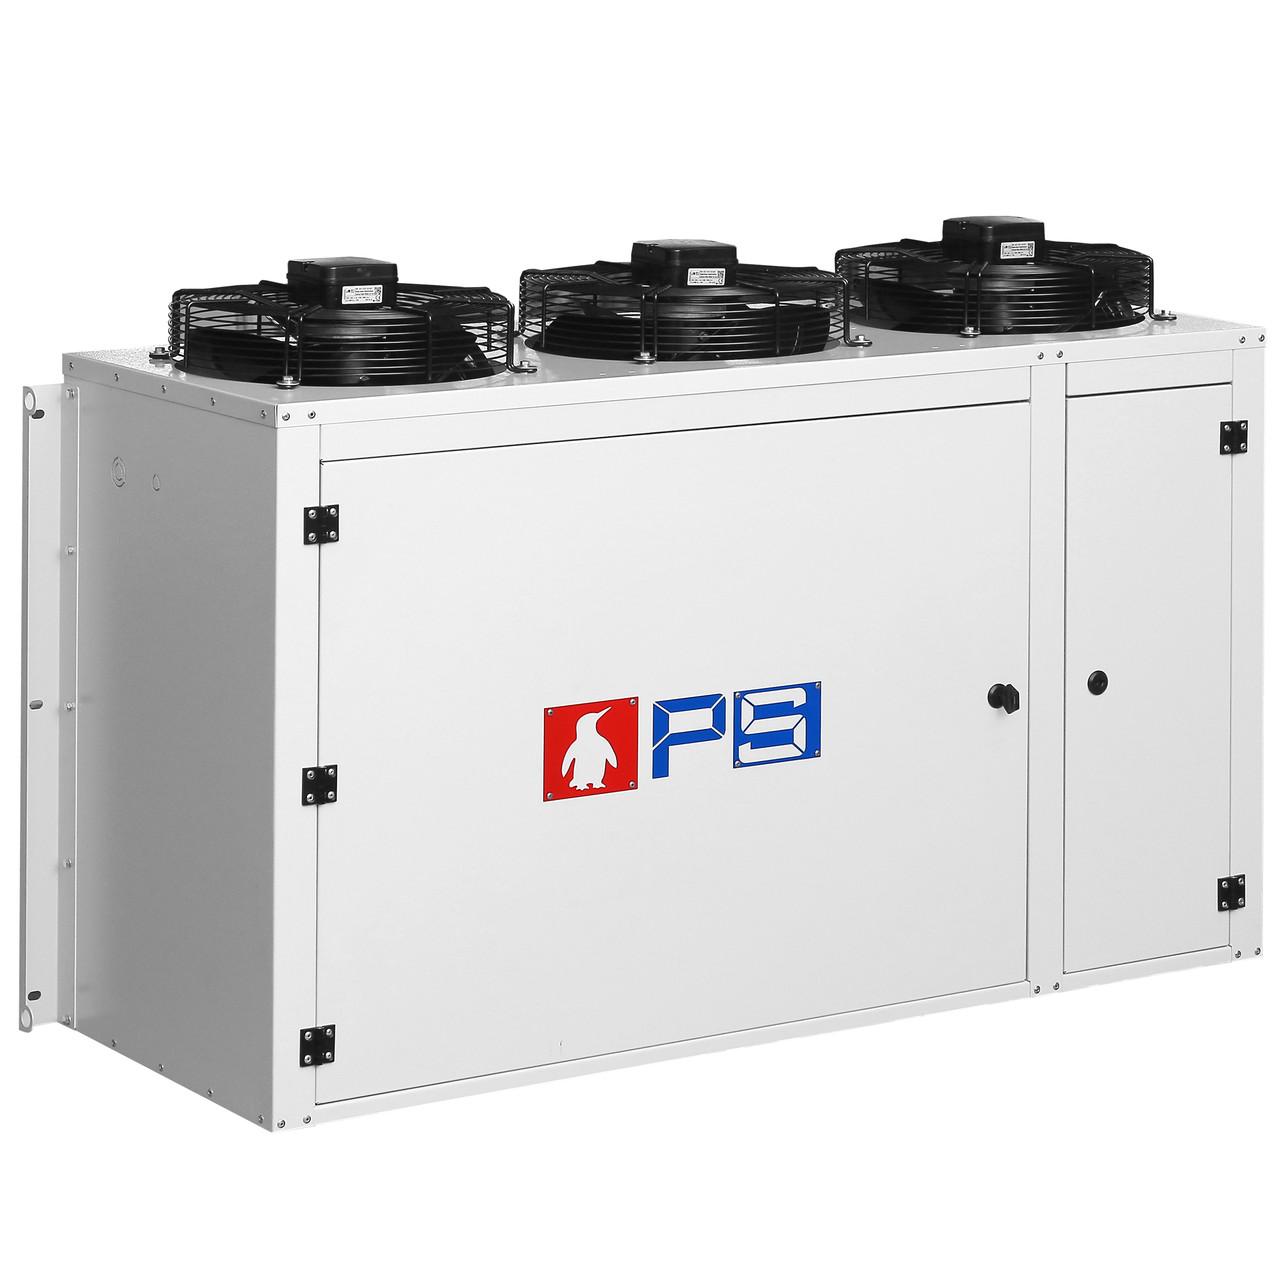 Сплит-система среднетемпературная ПОЛЮС-САР 49-144м³ MGS 450 F S